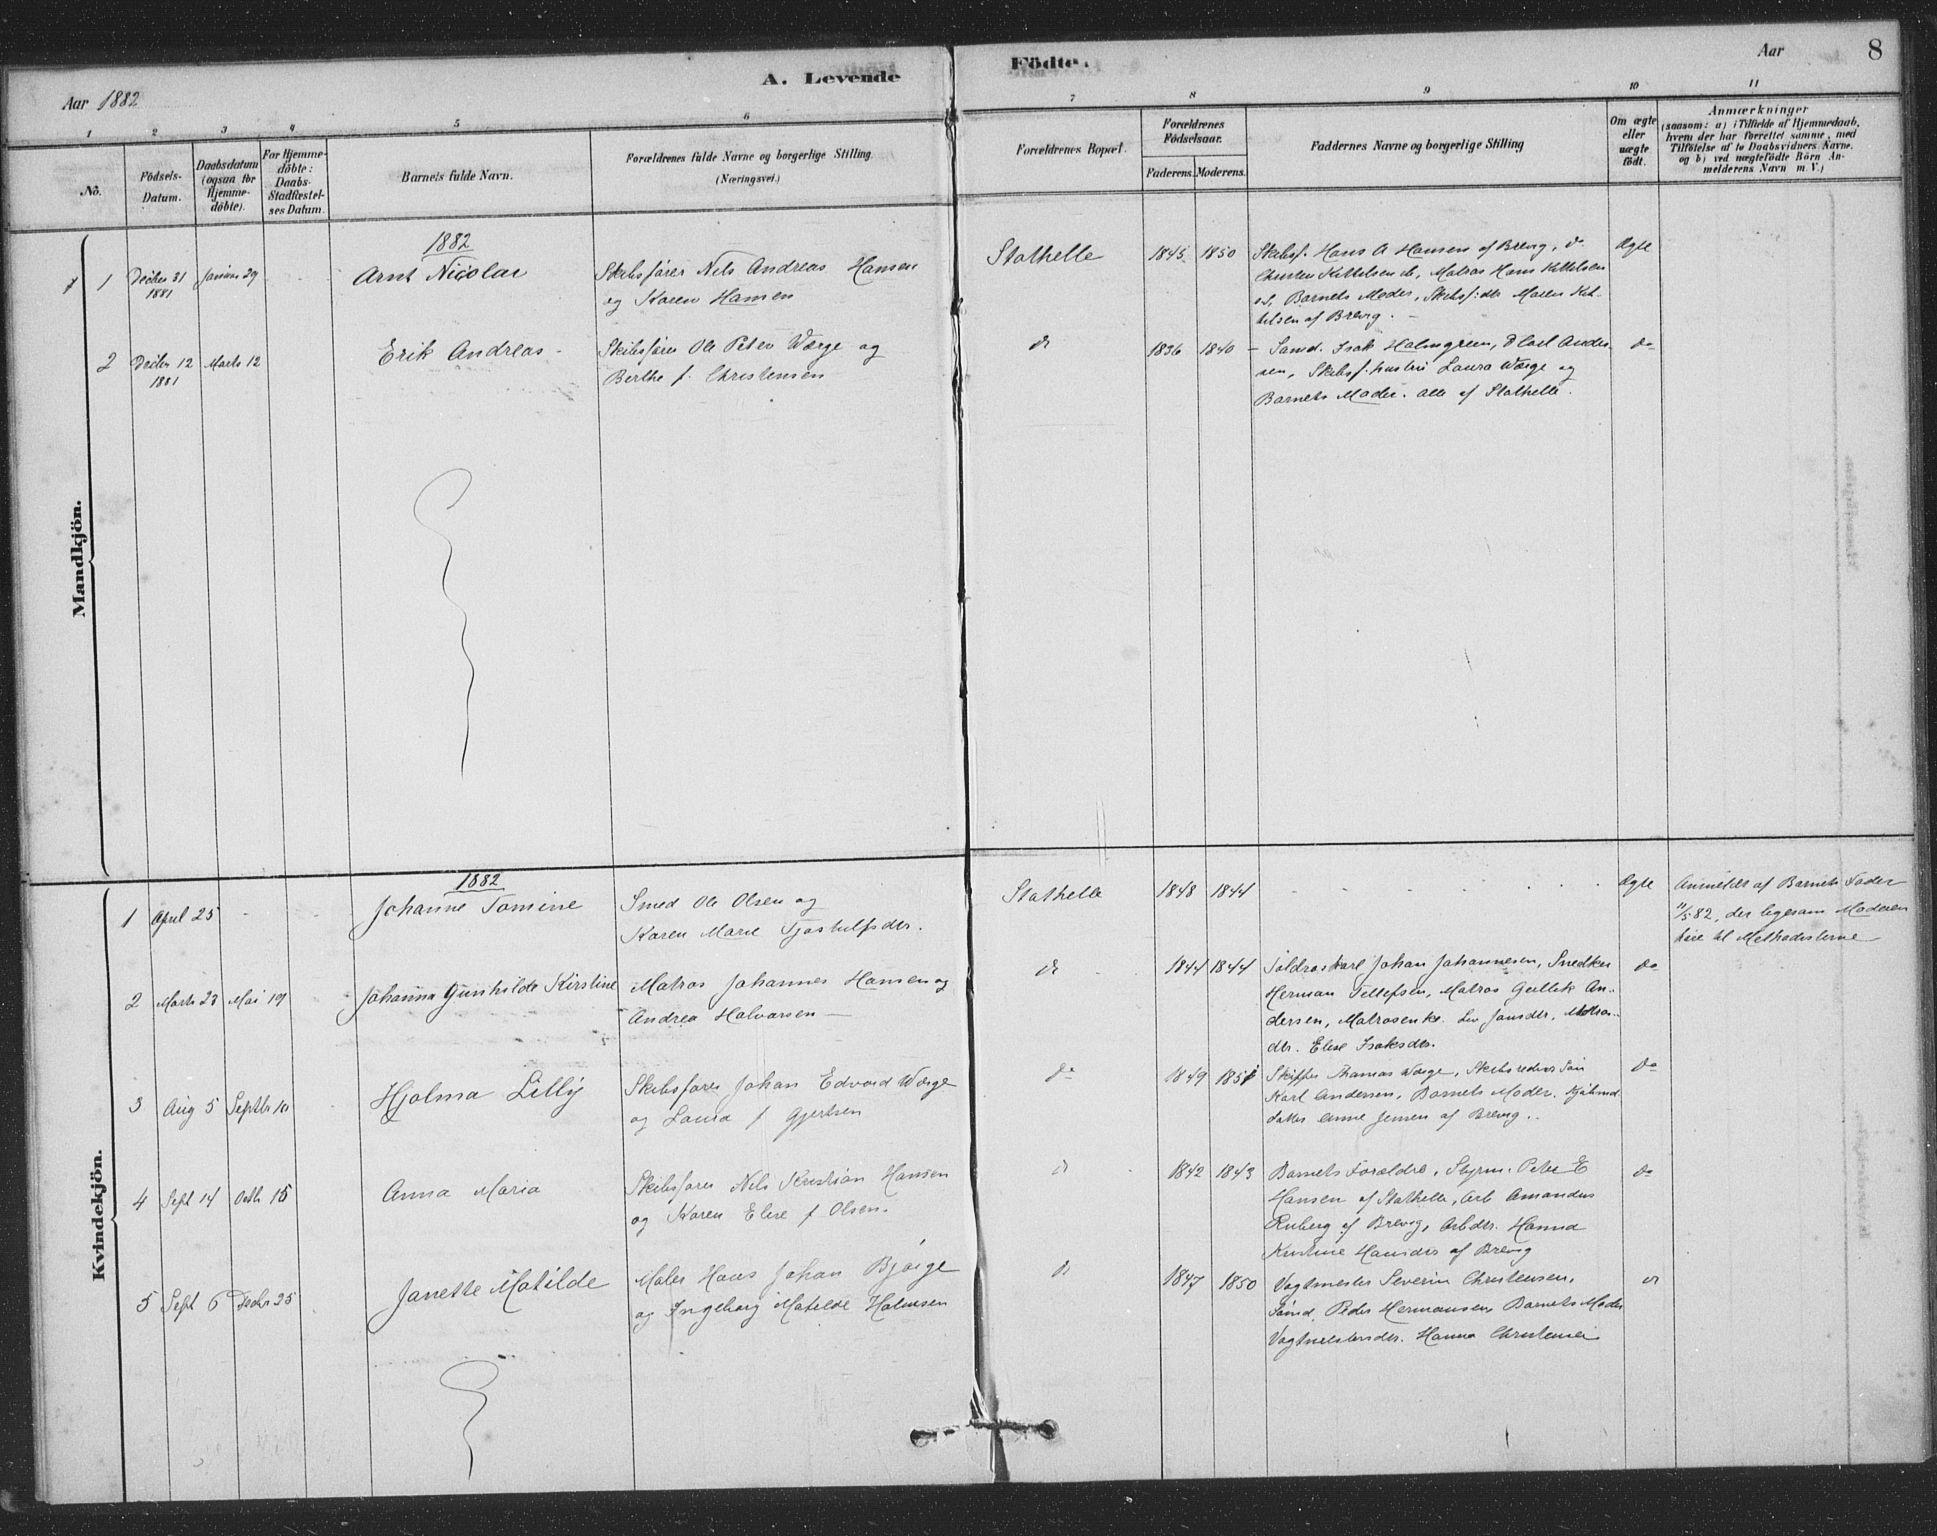 SAKO, Bamble kirkebøker, F/Fb/L0001: Ministerialbok nr. II 1, 1878-1899, s. 8